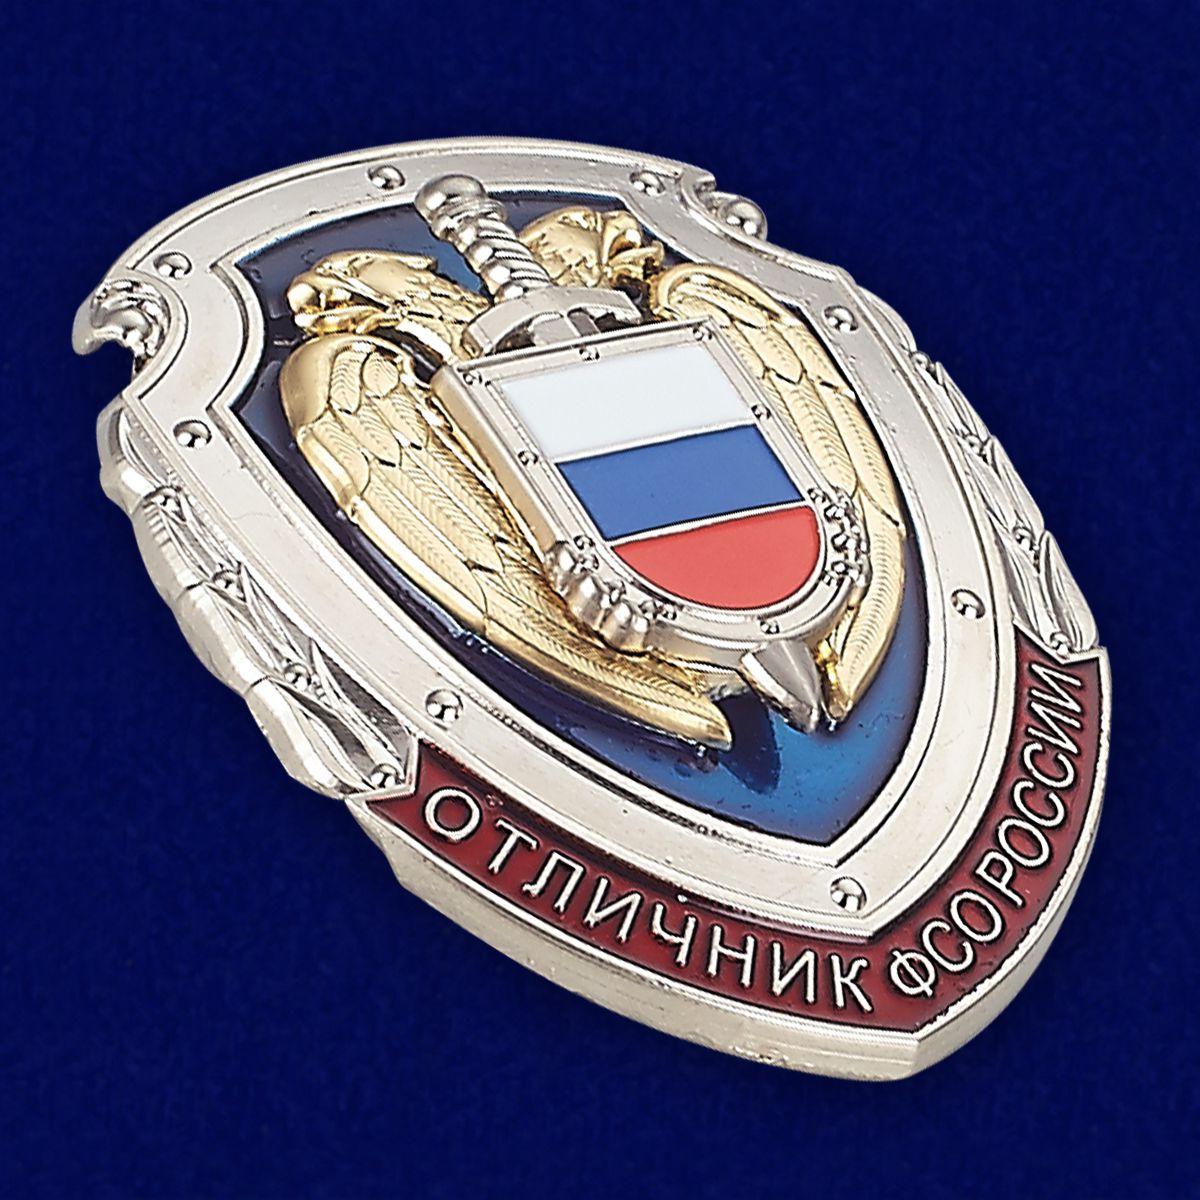 Знак Отличник ФСО России в бархатном футляре - Общий вид